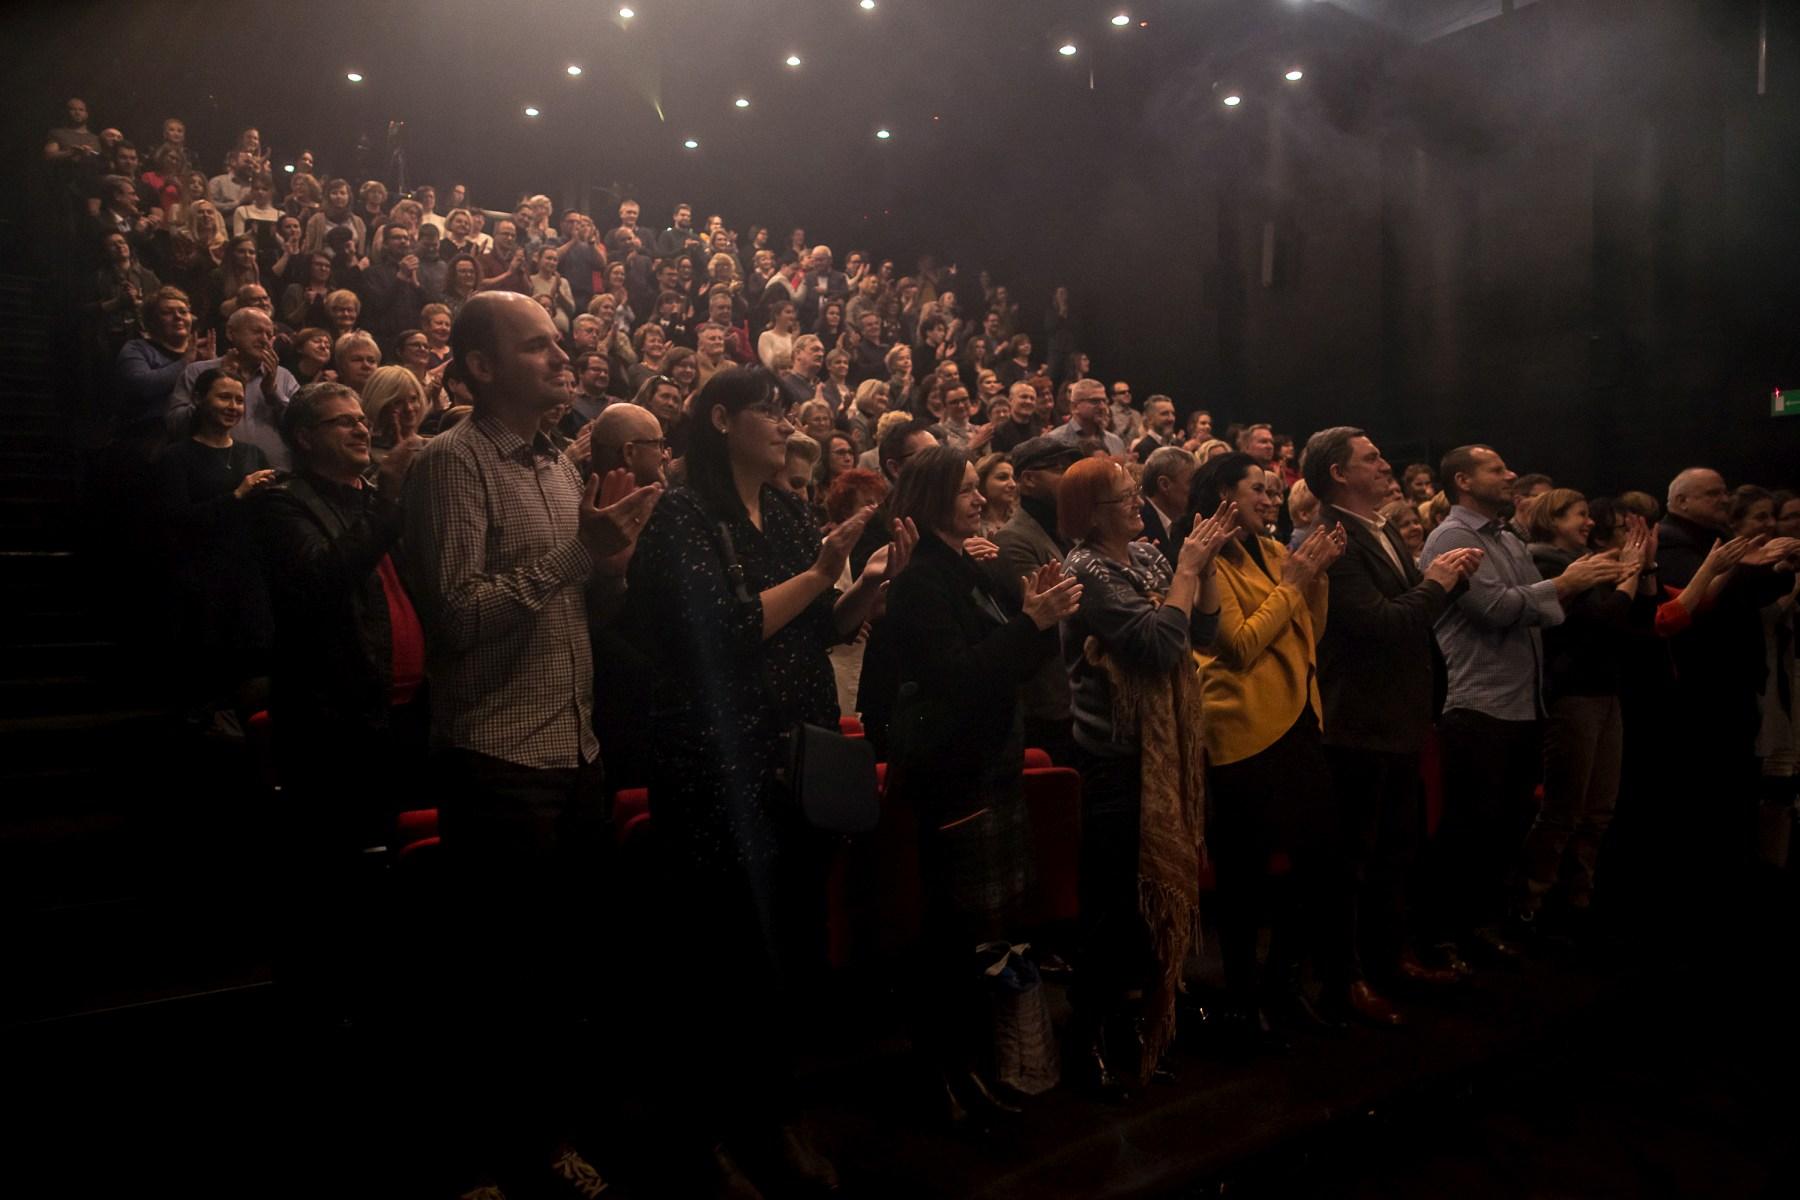 Ujęcie na zapełnioną widownię. Uśmiechnięci widzowie oklaskują artystów na stojąco.